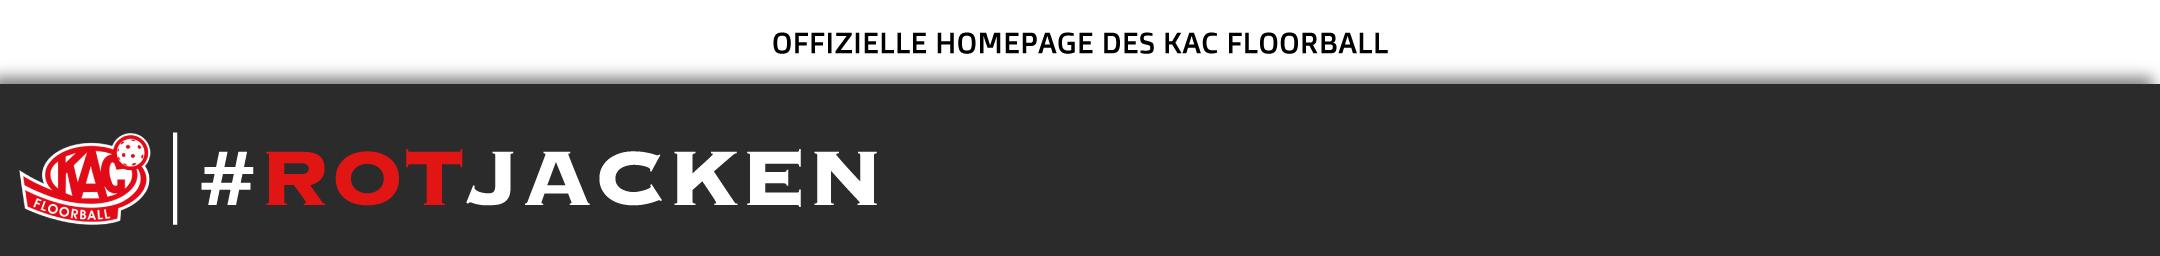 KAC Floorball | Offizielle Homepage